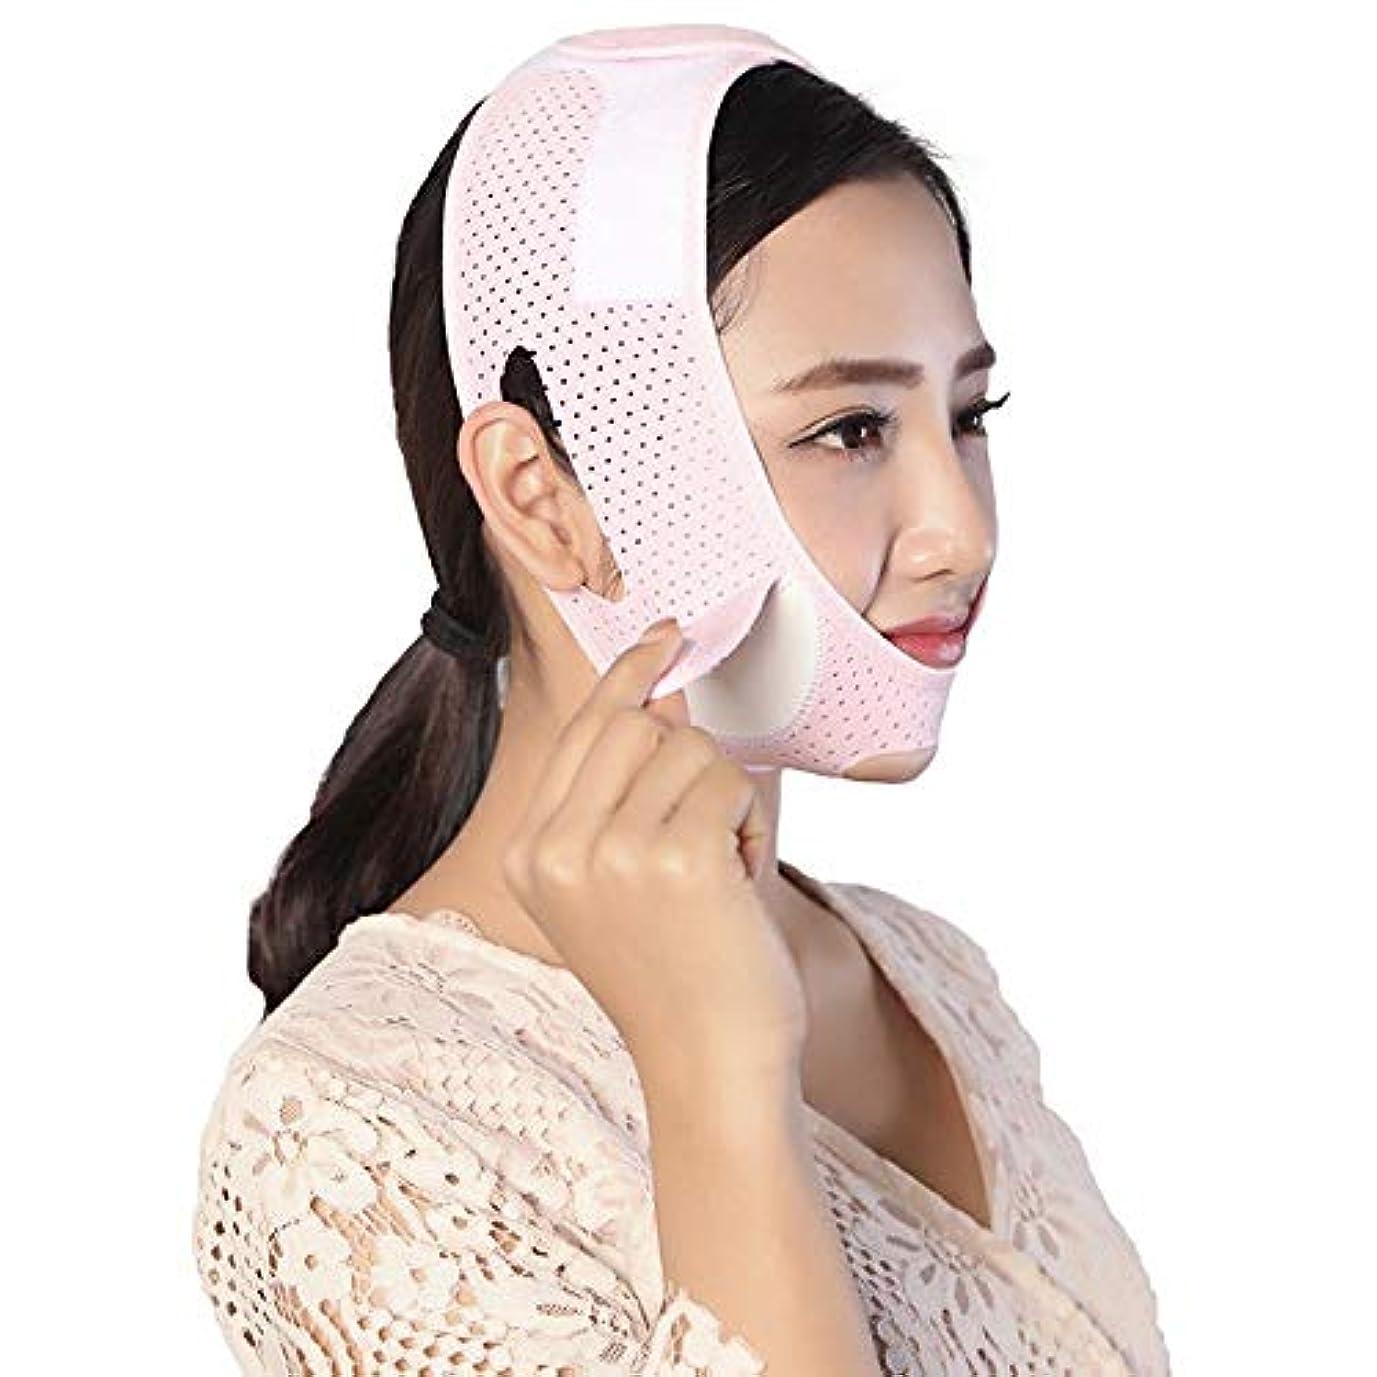 知覚できる事実上シネウィGYZ フェイシャルリフティング痩身ベルト - 圧縮二重あご減量ベルトスキンケア薄い顔包帯 Thin Face Belt